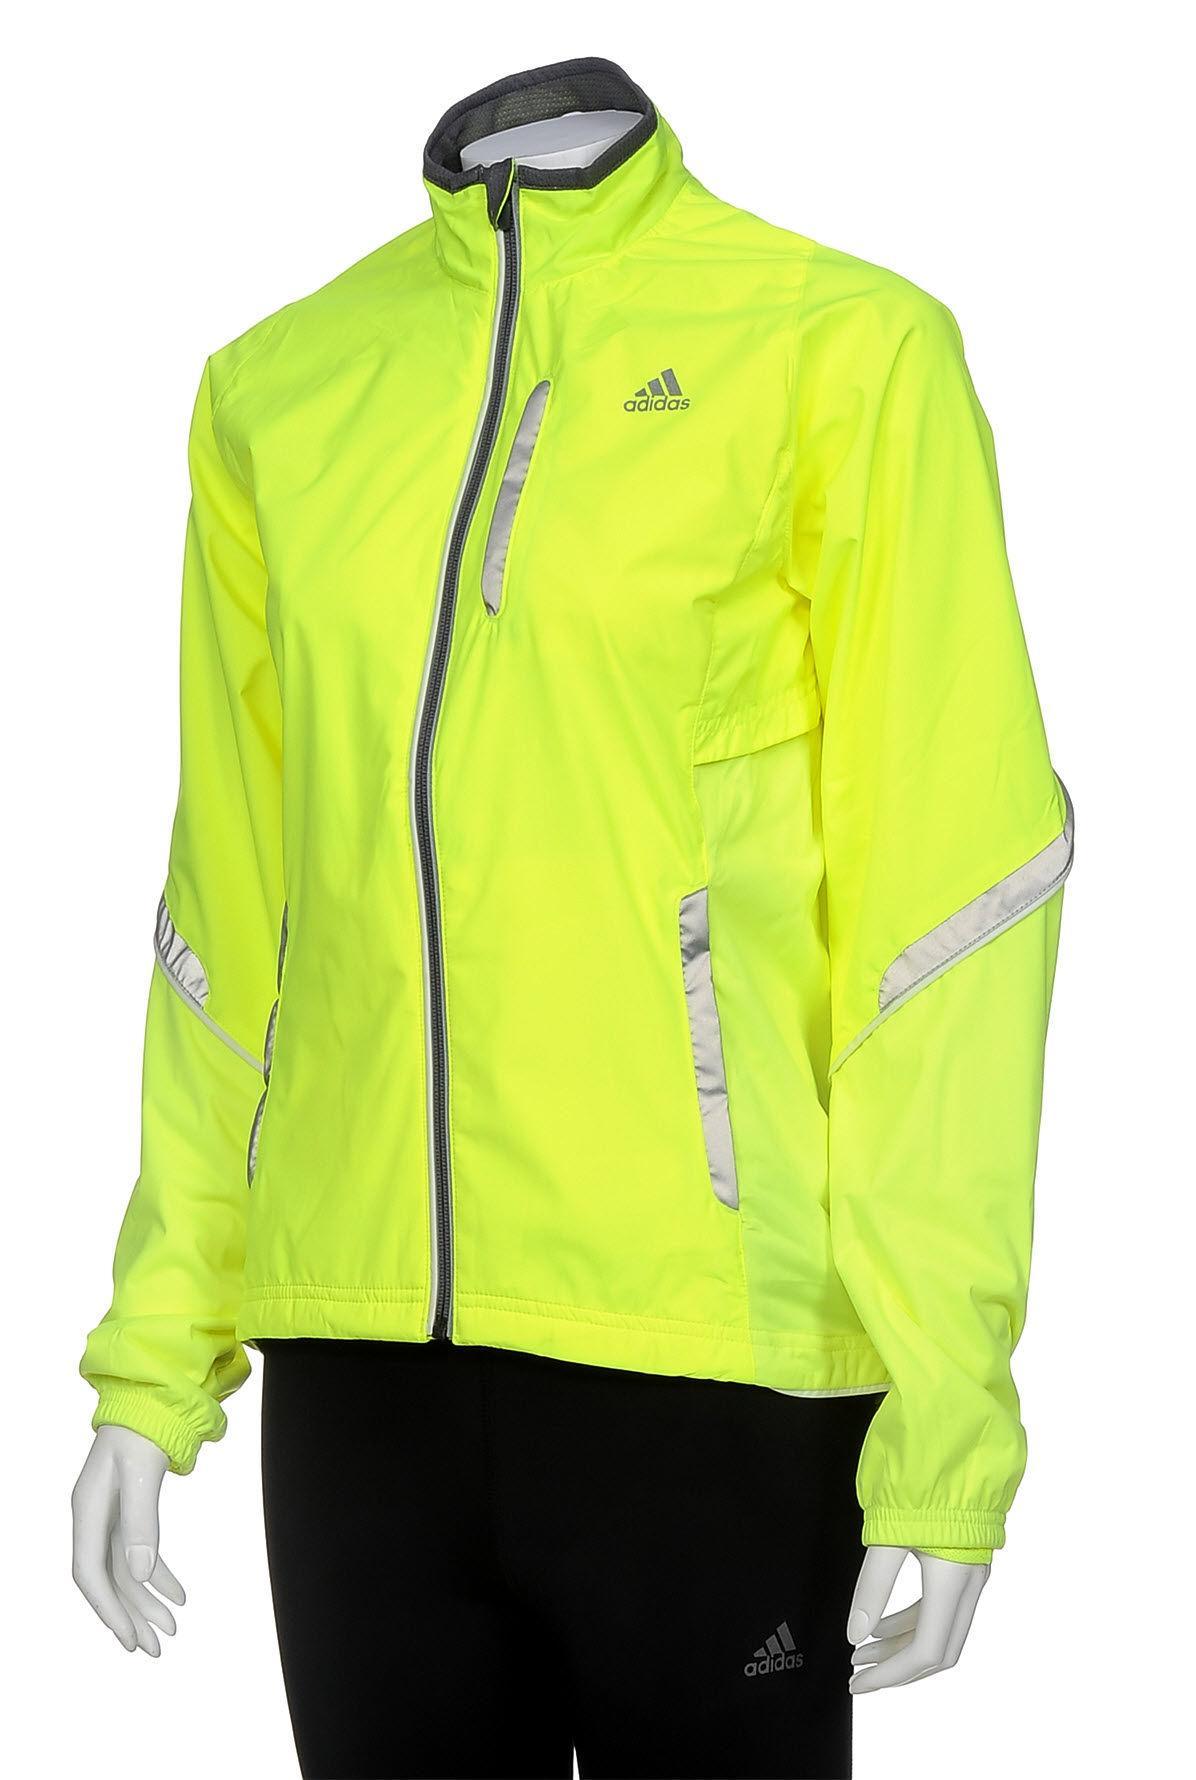 Foto Chaqueta de alta visibilidad para mujer Adidas - Adiviz - OI12 - UK 8